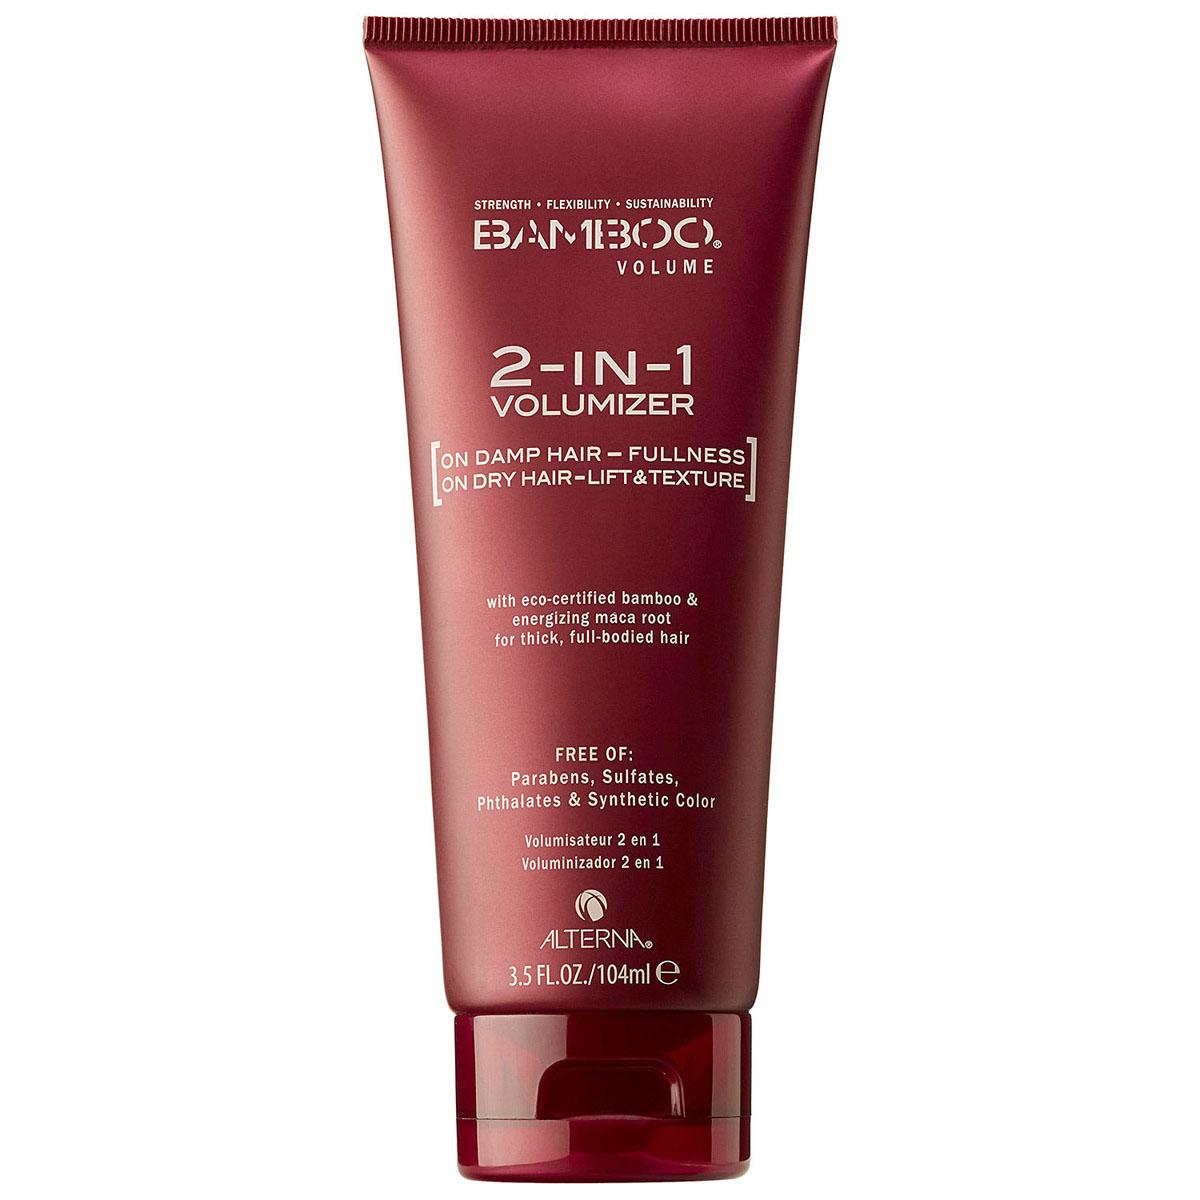 Alterna Крем-паста для волос Генератор объема Bamboo Volume 2-in-1 Volumizer - 104 мл48563Универсальный, многофункциональный стайлинговый продукт для создания объема, который можно использовать как на влажных, так и на сухих волосах. Создает текстуру крема (при нанесении на влажные волосы) или пасты (при нанесении на сухие волосы). Невесомая и нелипкая, формула продукта придает восхитительный объем и создает густоту на ваших волосах. Этот многофункциональный продукт объединяет в себе несколько стайлинговых средств для любителей объема и станет вашим Must Have. Подходит для всех типов волос. Особенно для слабых, безжизненных волос, которым необходим объем и густота. Результат: - Волосы приобретают плотность и объем. - Становятся более здоровыми и сильными.